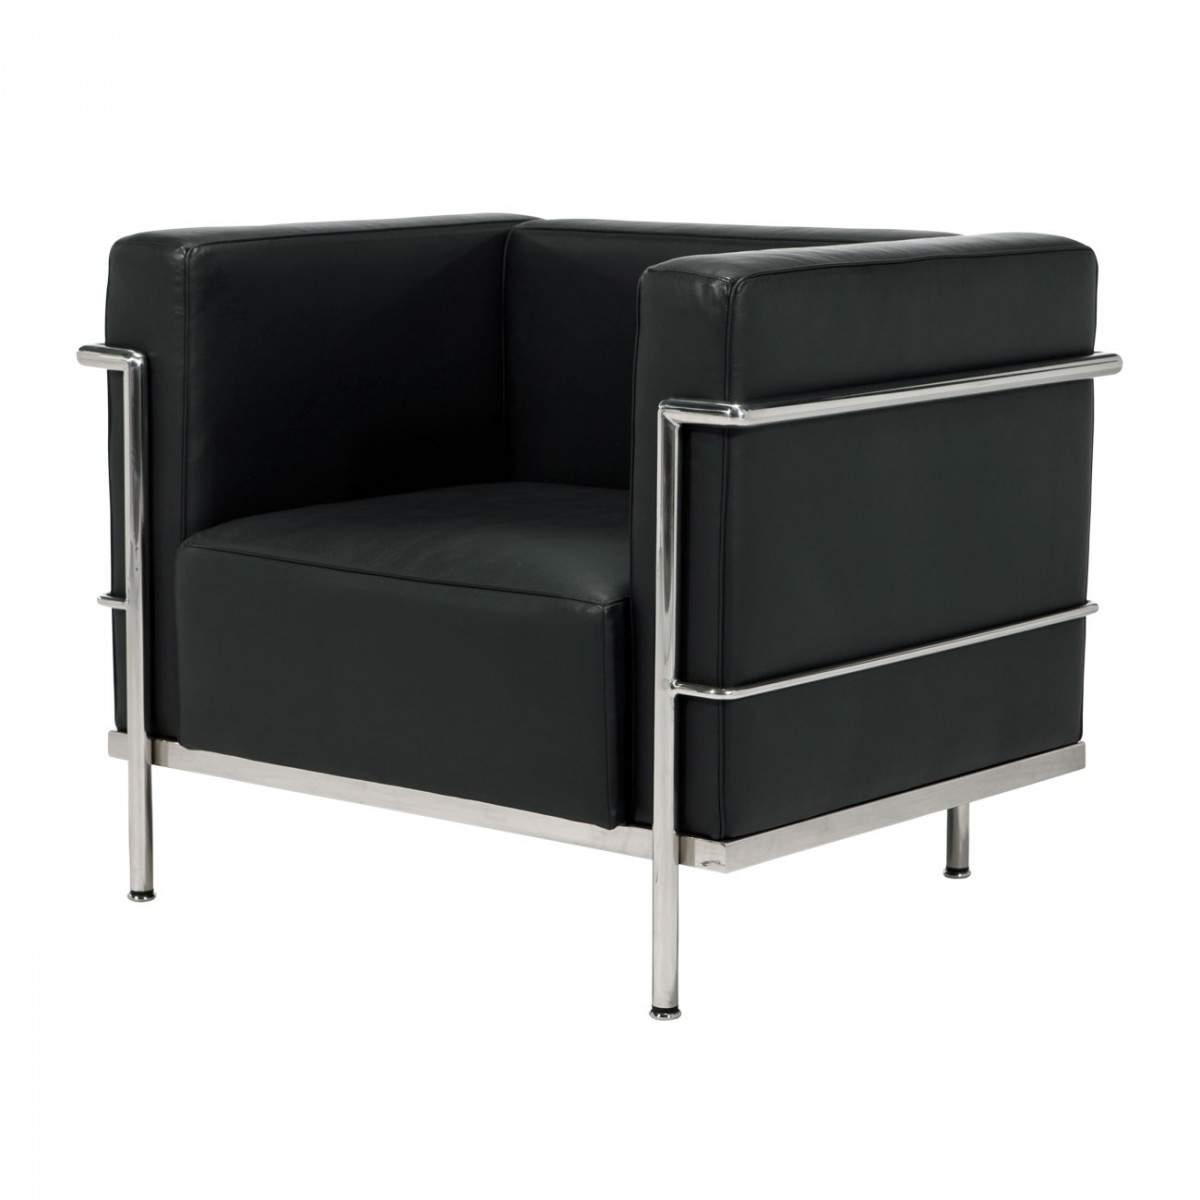 les 5 fauteuils les plus embl matiques la s lection decofinder. Black Bedroom Furniture Sets. Home Design Ideas